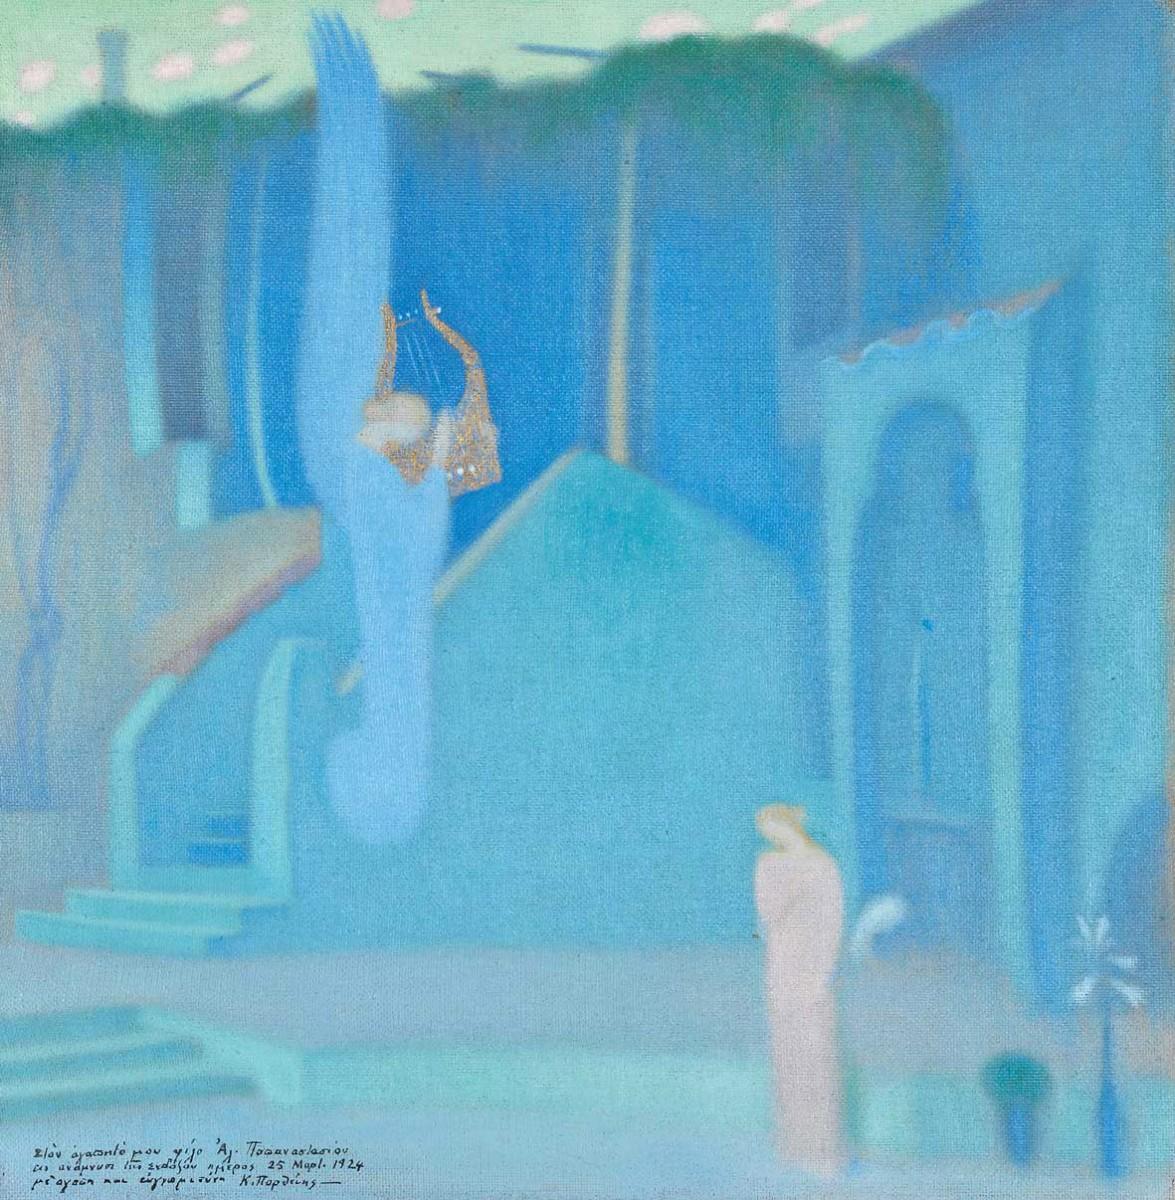 Κωνσταντίνος Παρθένης, Ο Ευαγγελισµός, 1910-1911, Εθνική Πινακοθήκη.